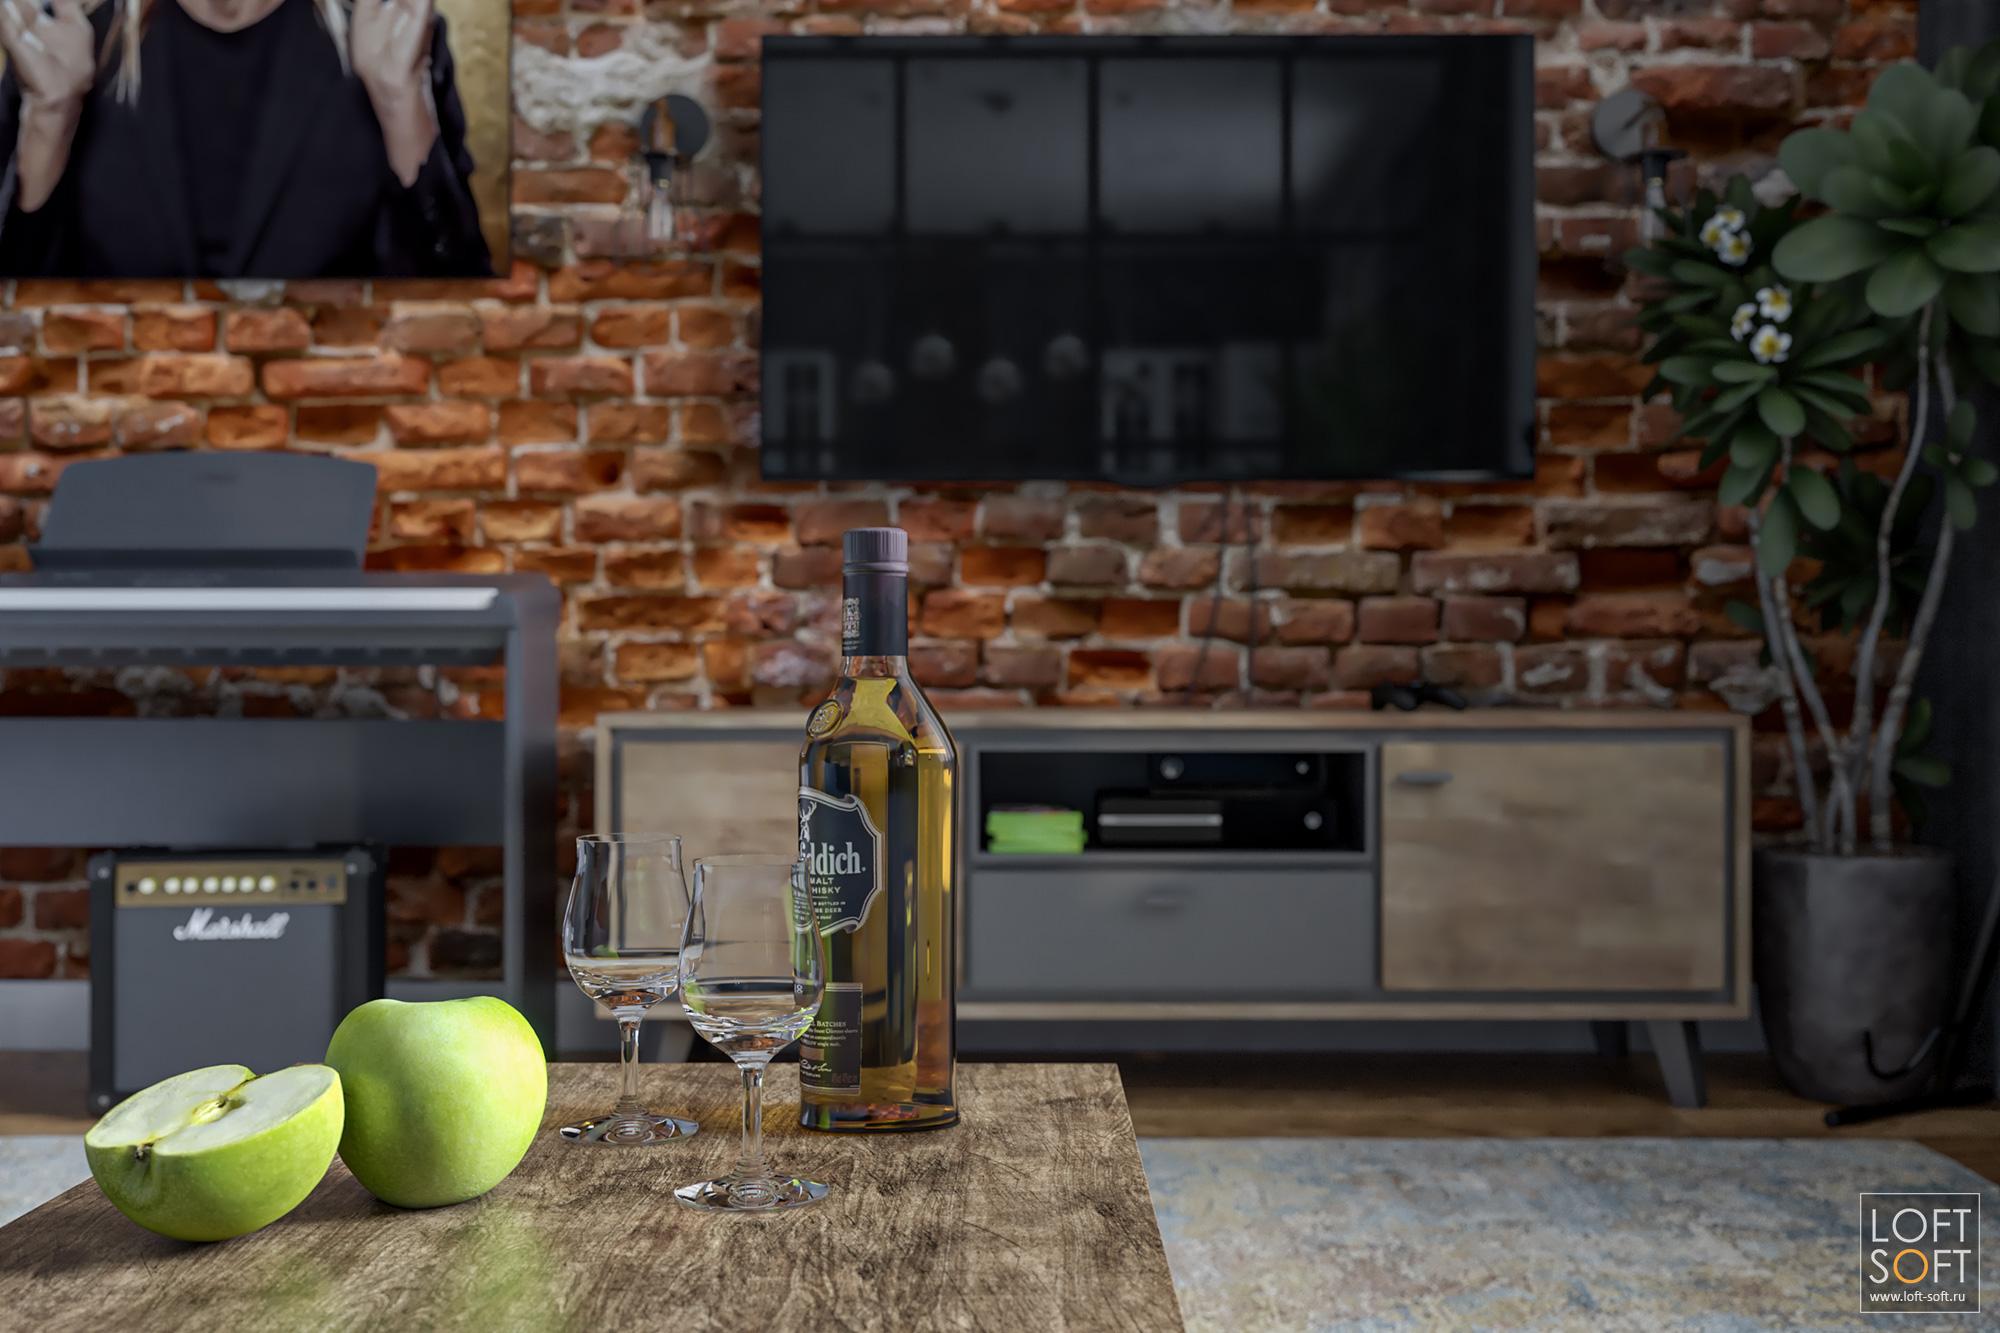 Интерьер лофт-студии, кирпичная стена ибутылка рома